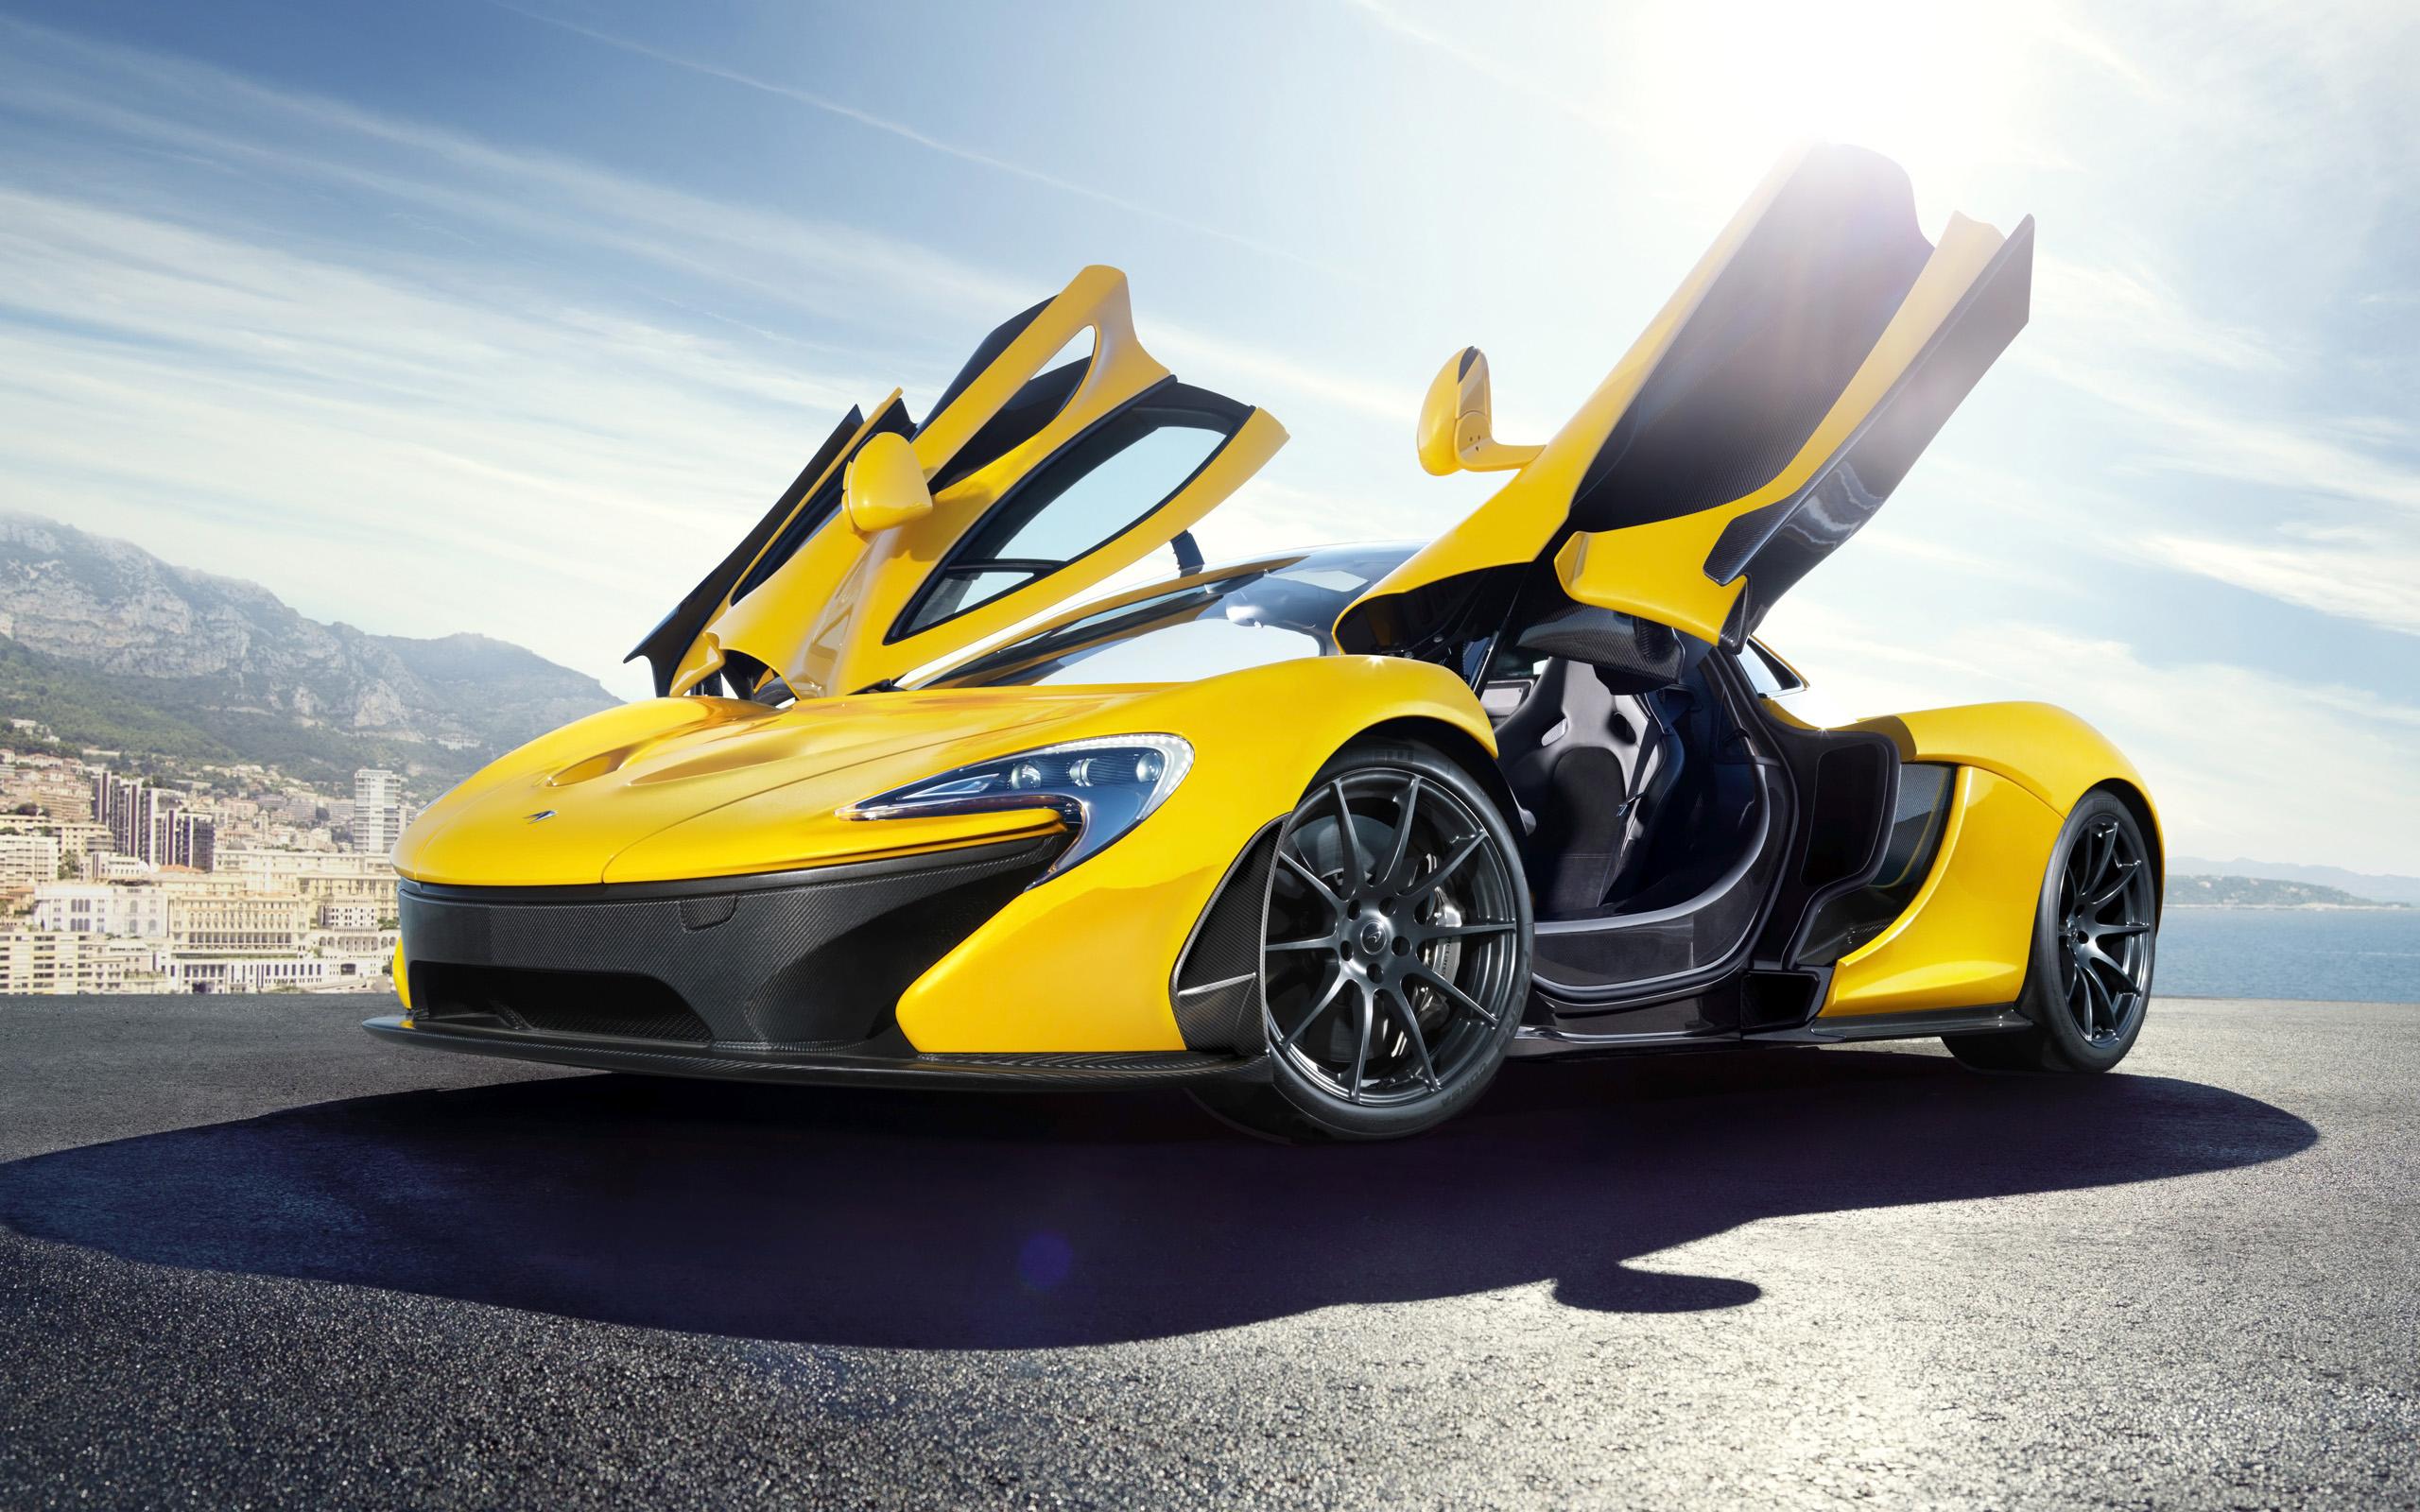 McLaren P1 wide Motor Show Photo Gallery Desktop Backgrounds